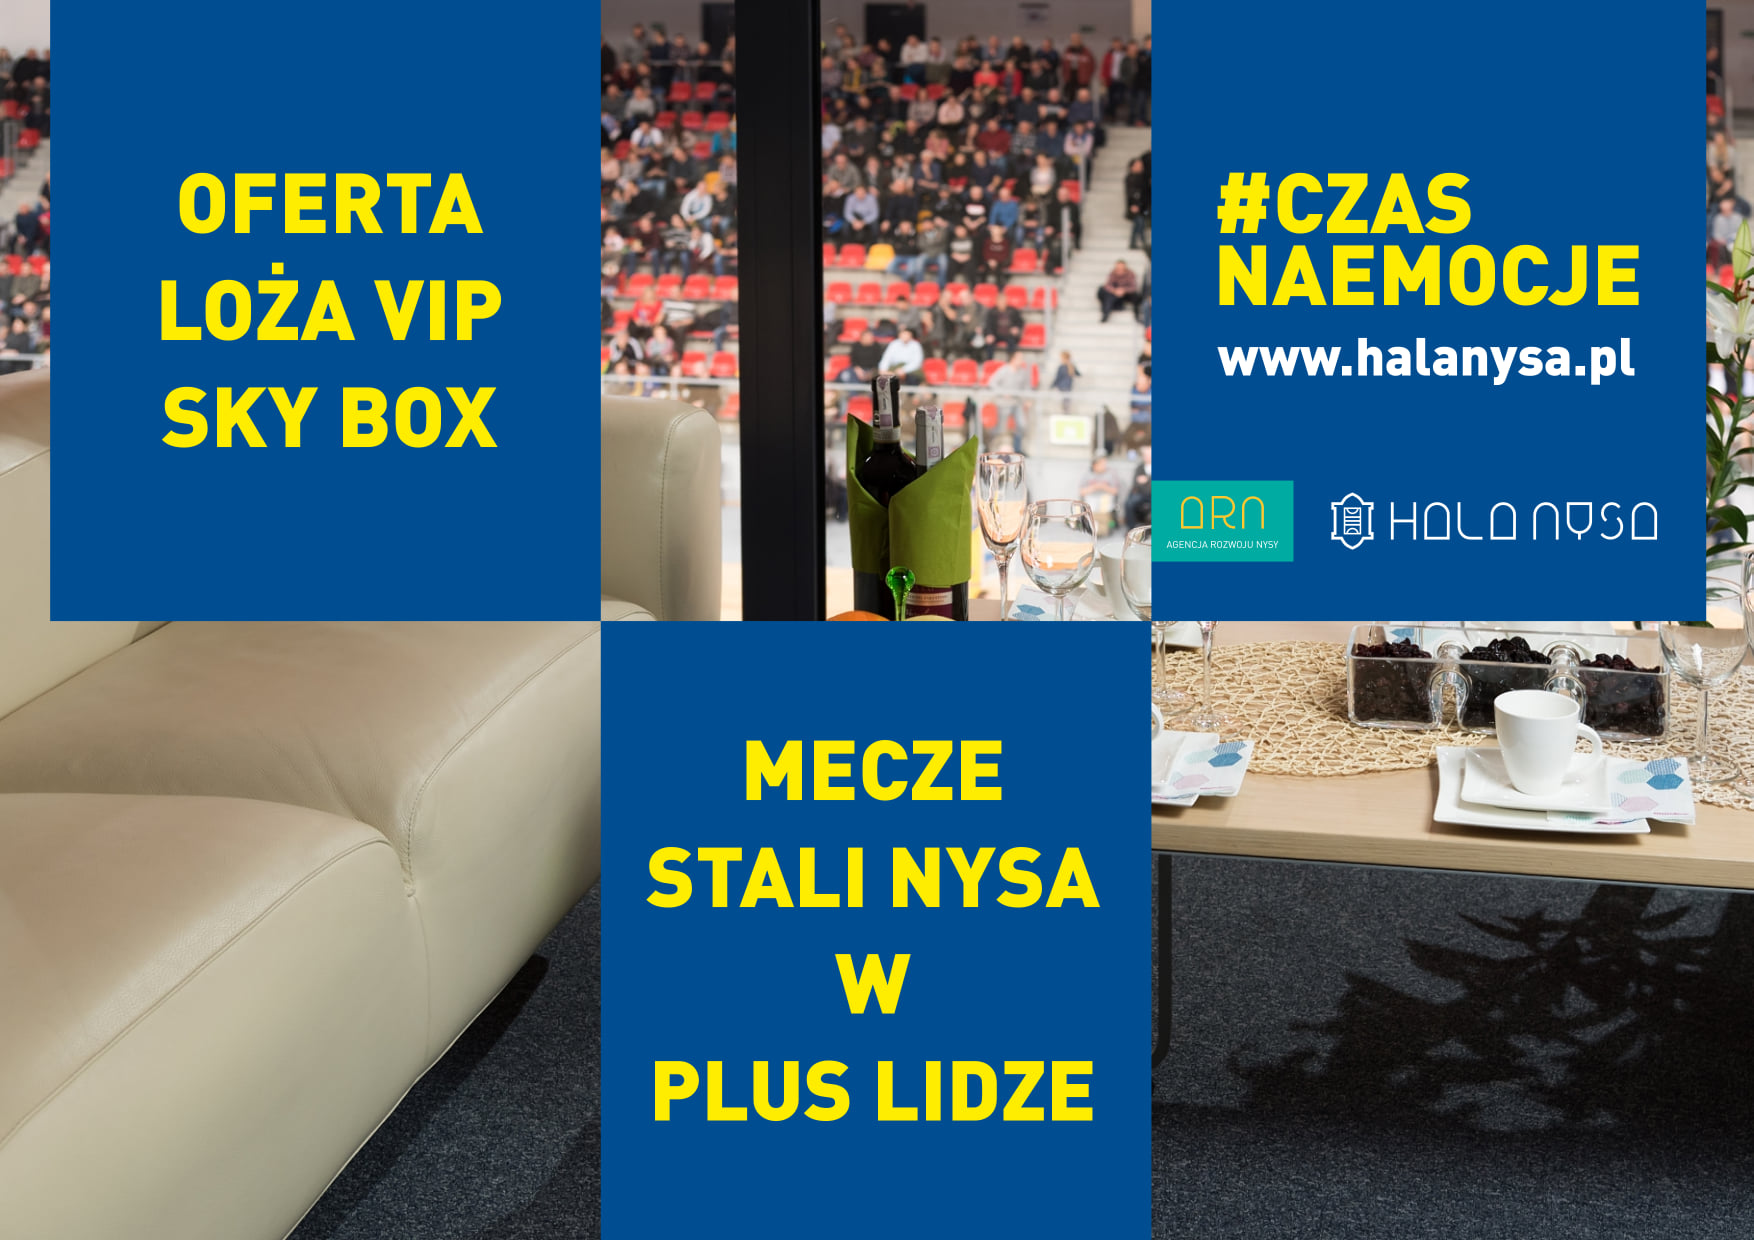 OFERTA - LOŻE VIP SKY BOX